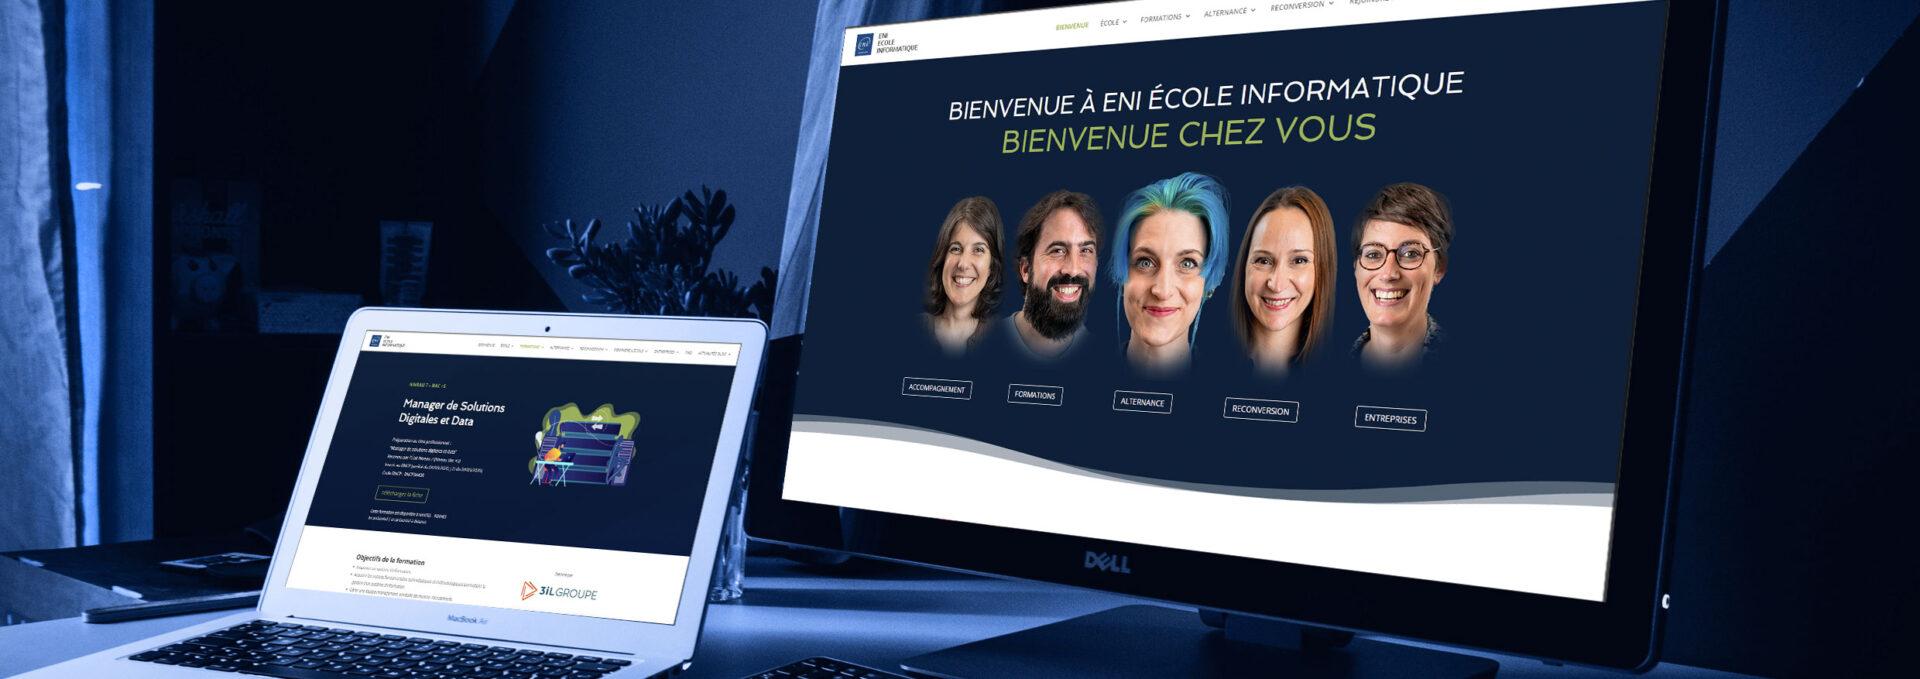 Nouveau site ENI ECOLE